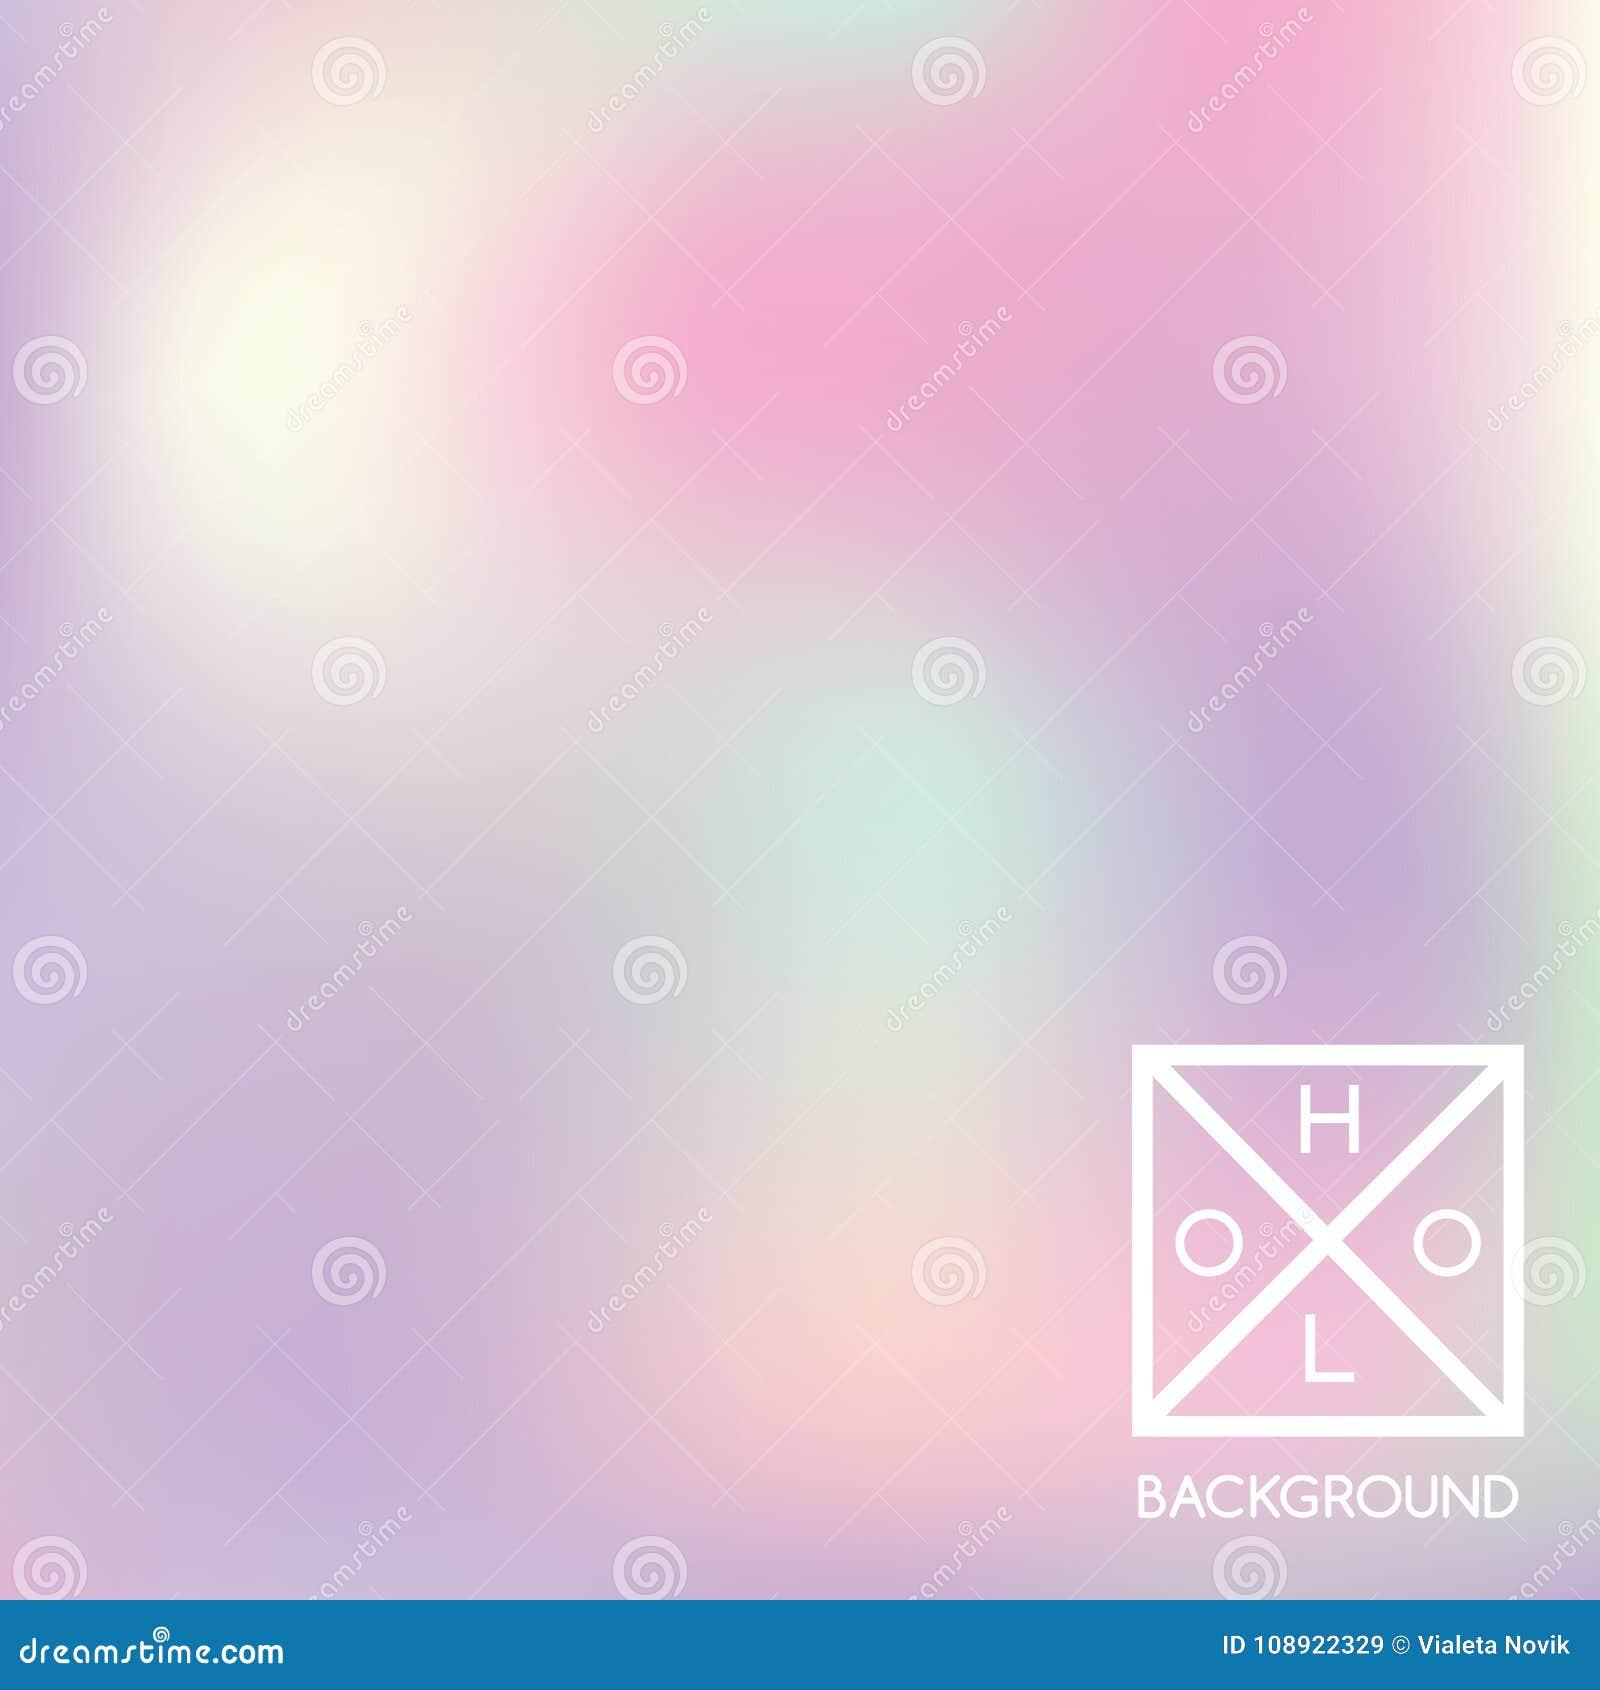 Holographic bakgrund Holo regnbågsskimrande räkning Bakgrund för pastellfärgade färger för lutning mjuk